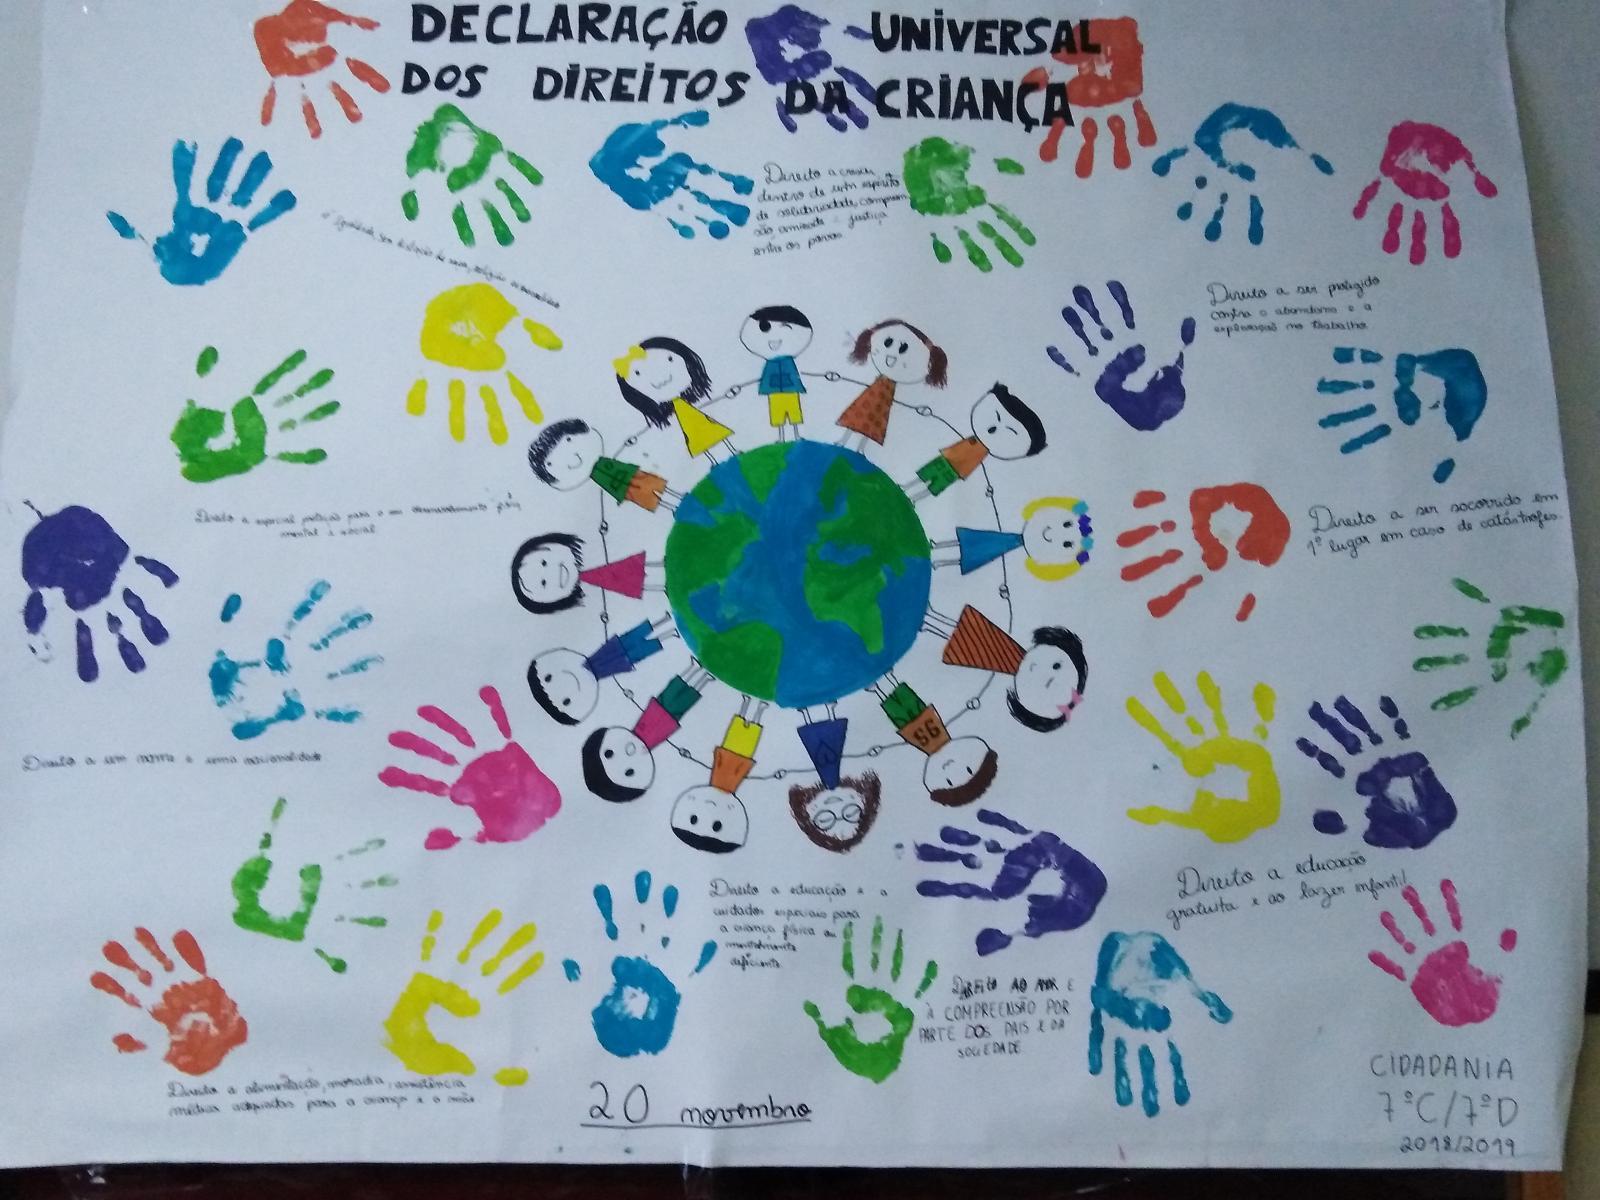 Declaração Universal dos Direitos da Criança